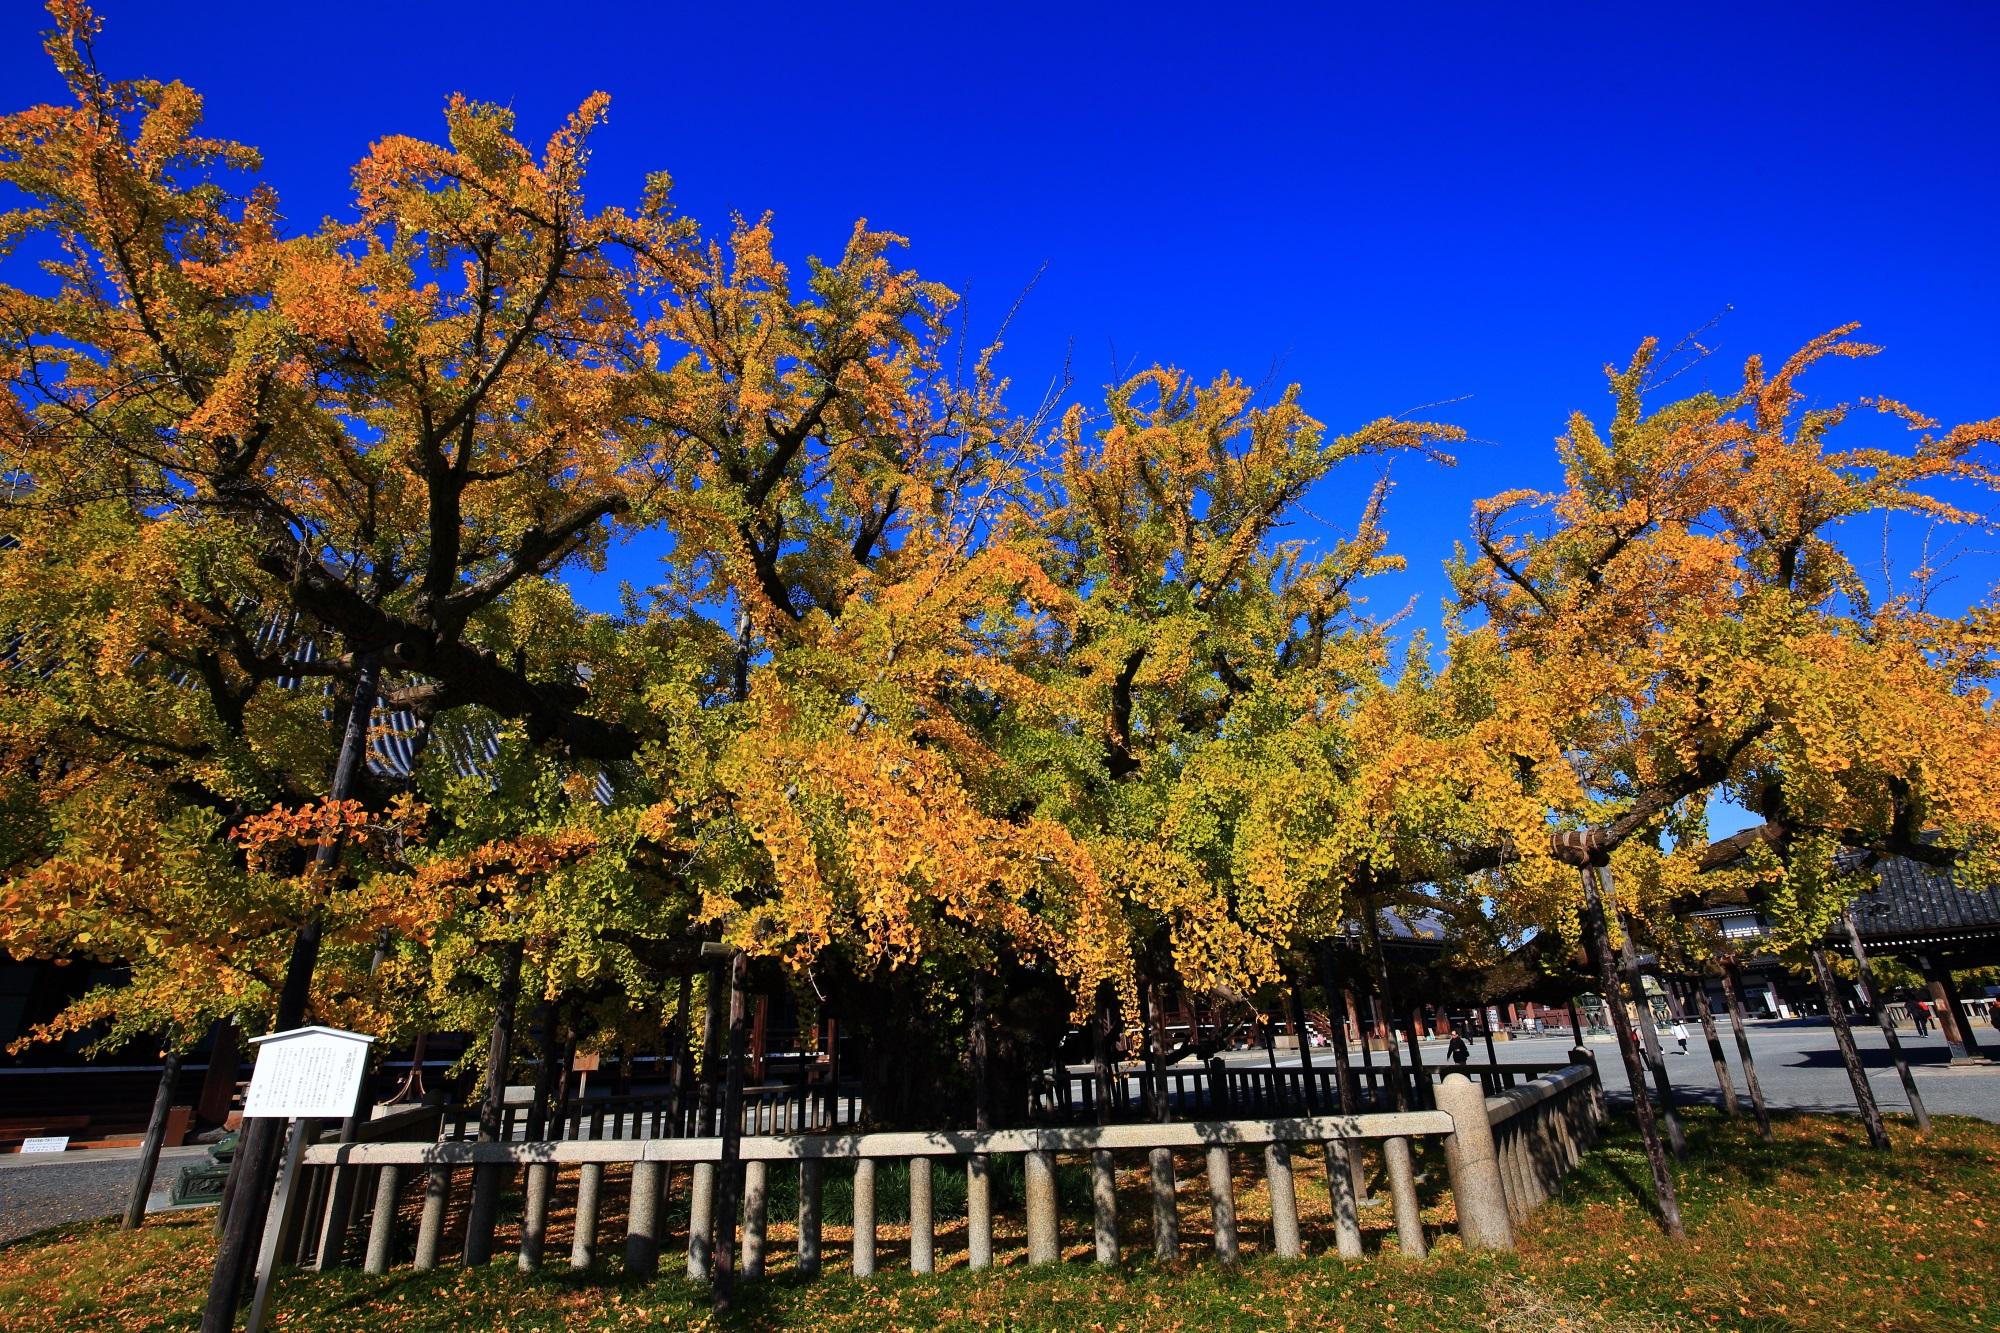 西本願寺の御影堂前の黄金の水吹き銀杏(大銀杏)